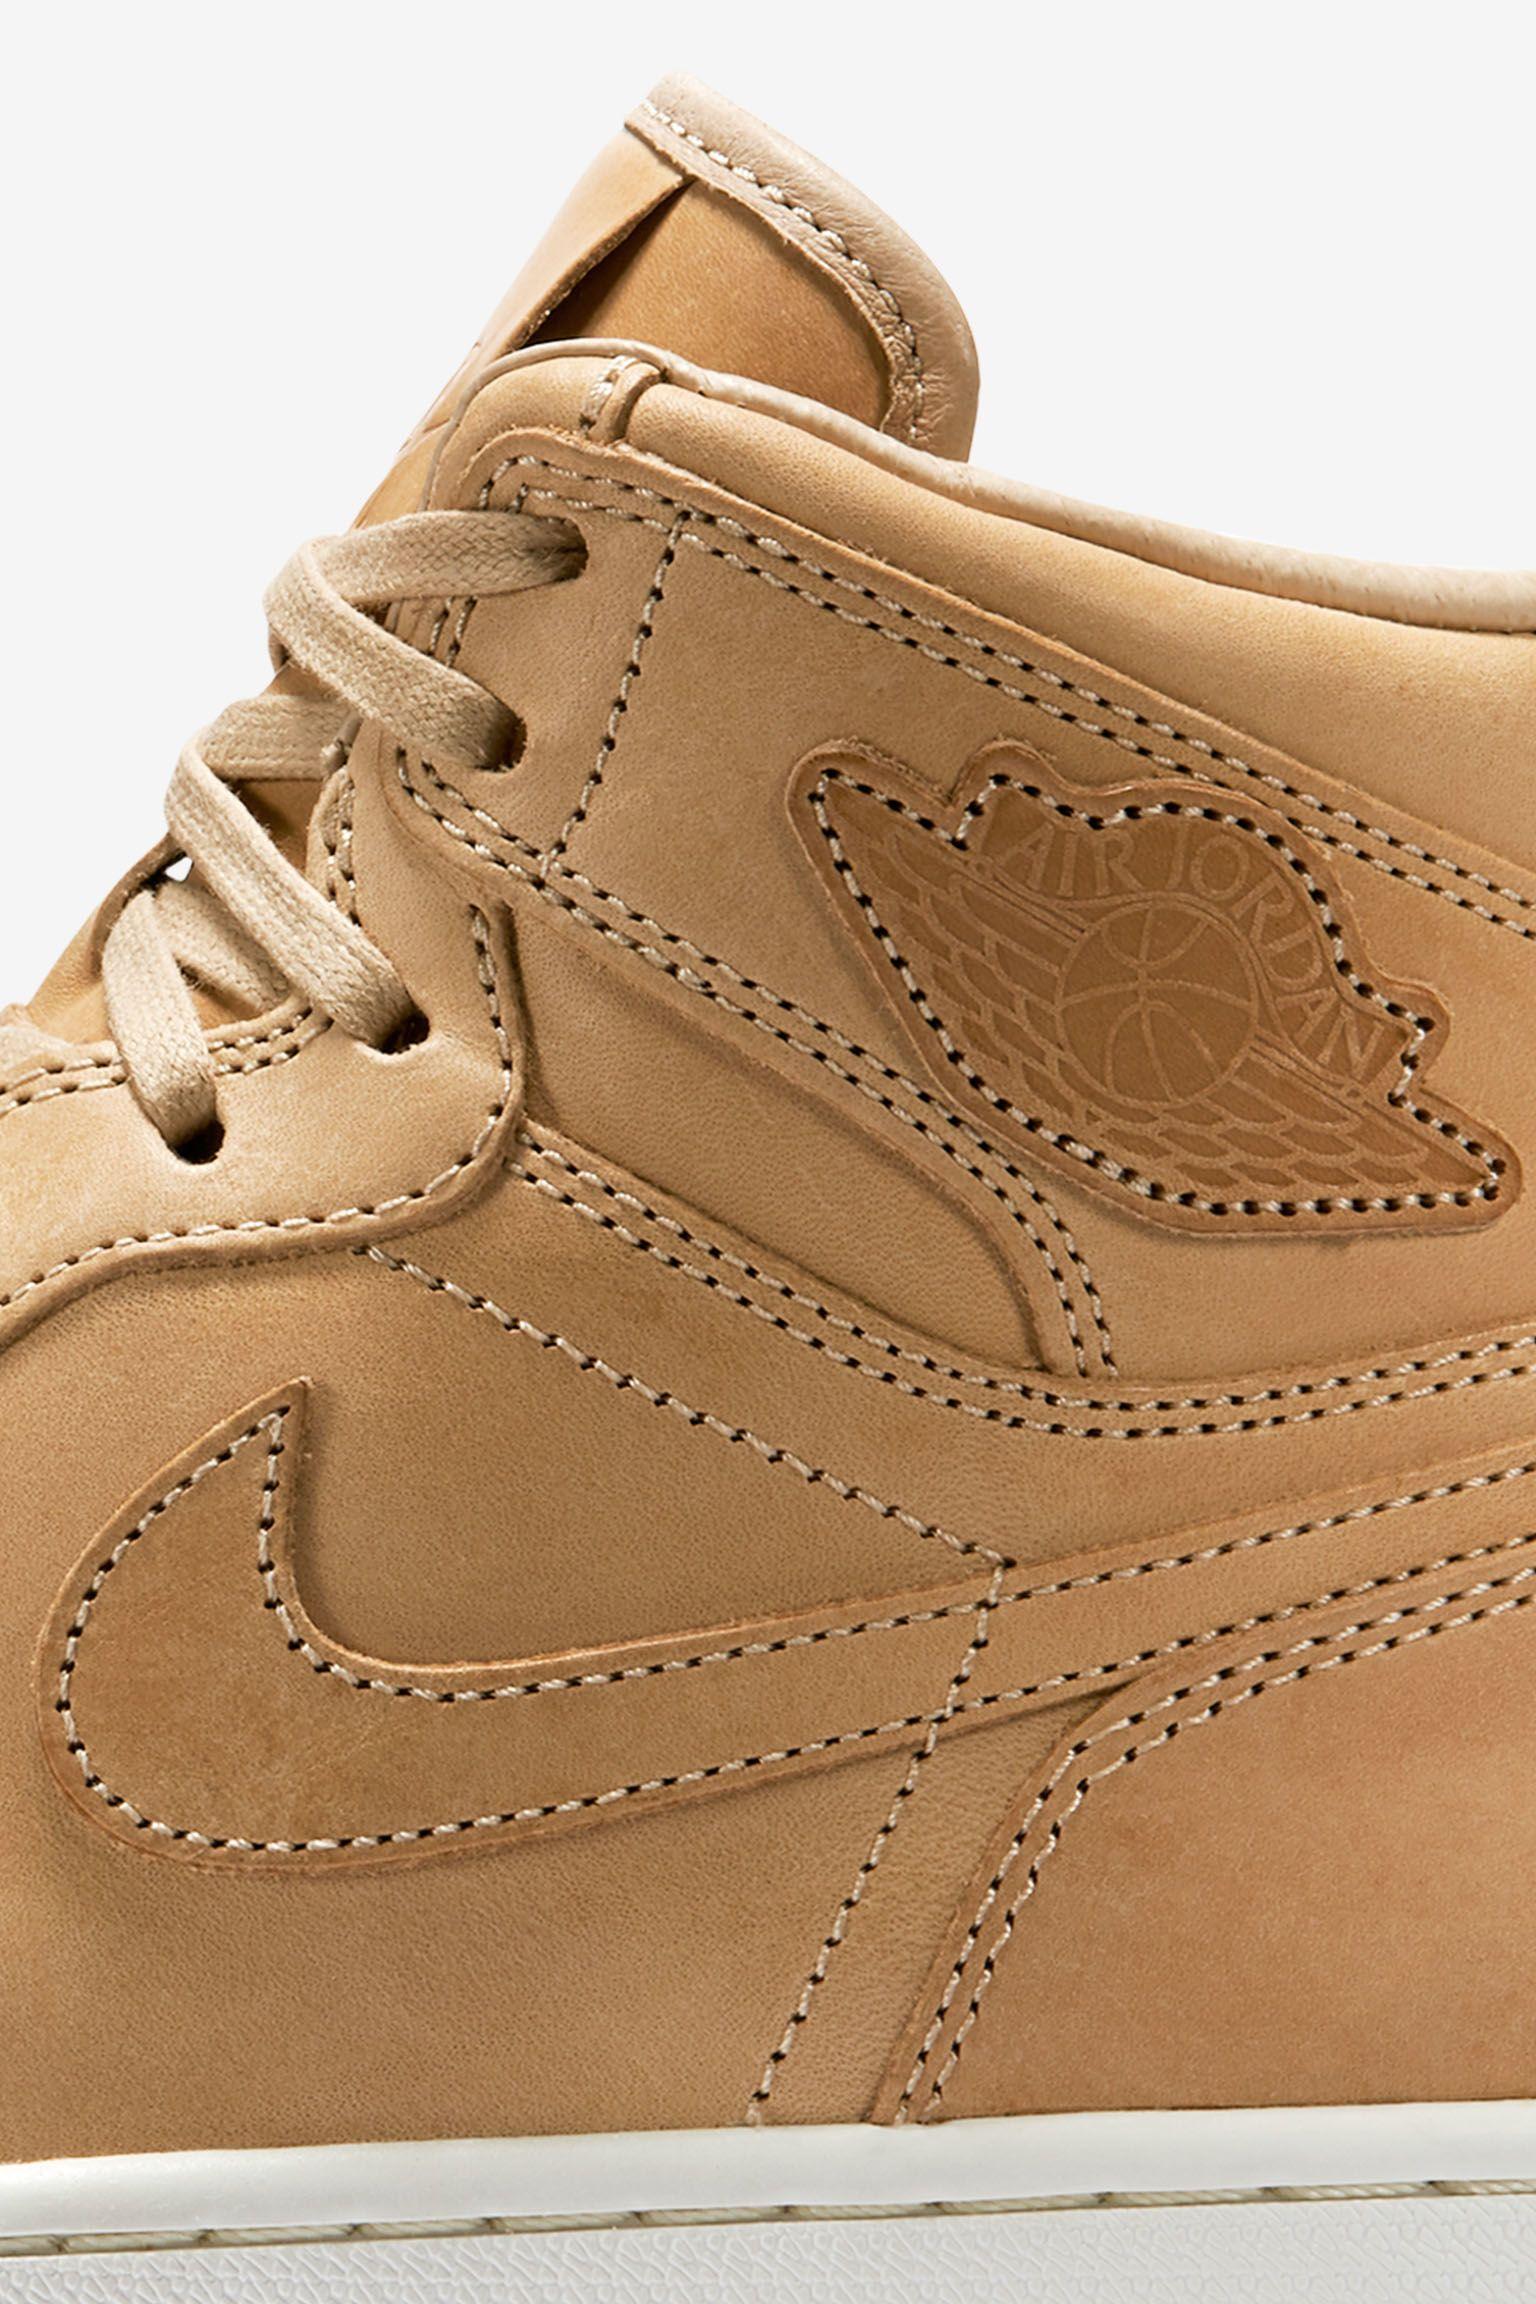 Air Jordan 1 Retro Pinnacle 'Vachetta Tan' Release Date